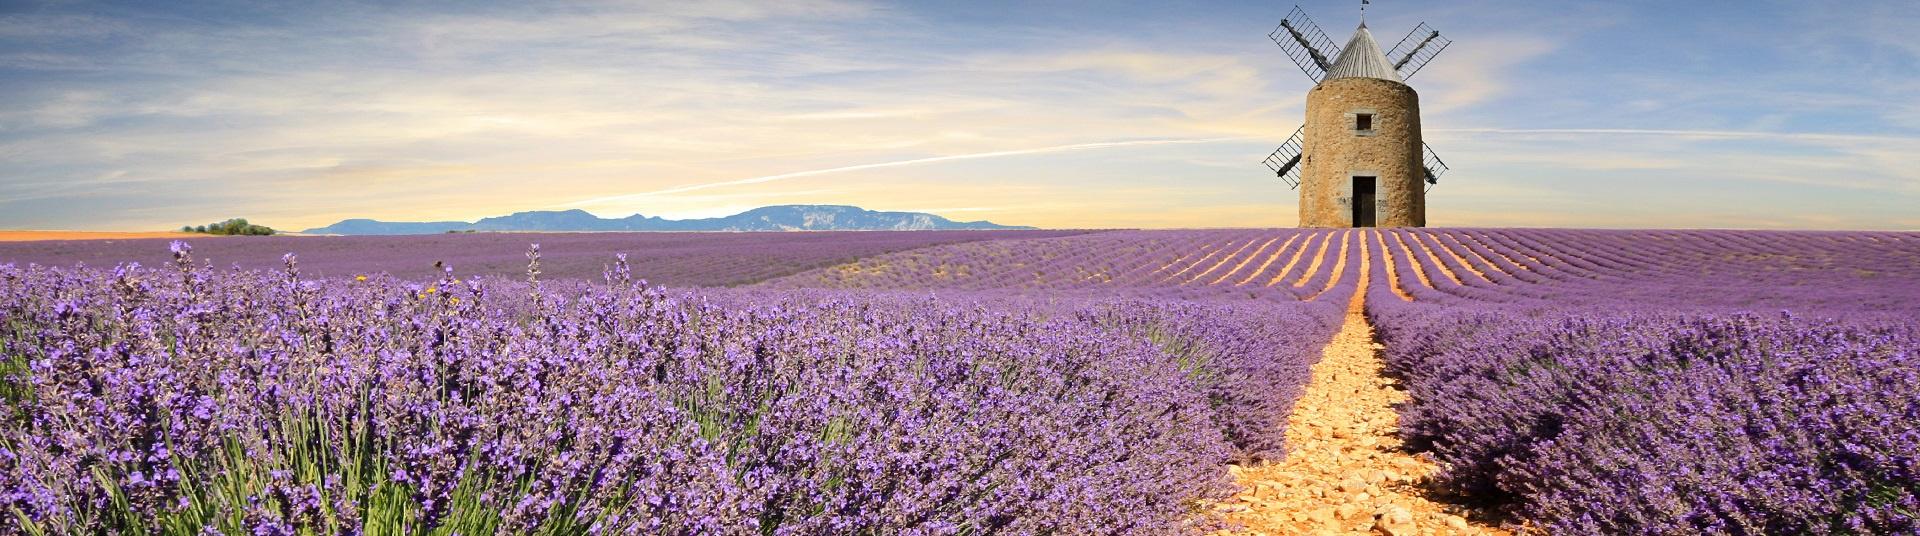 Week-end pas cher Provence-Alpes-Côte d'Azur